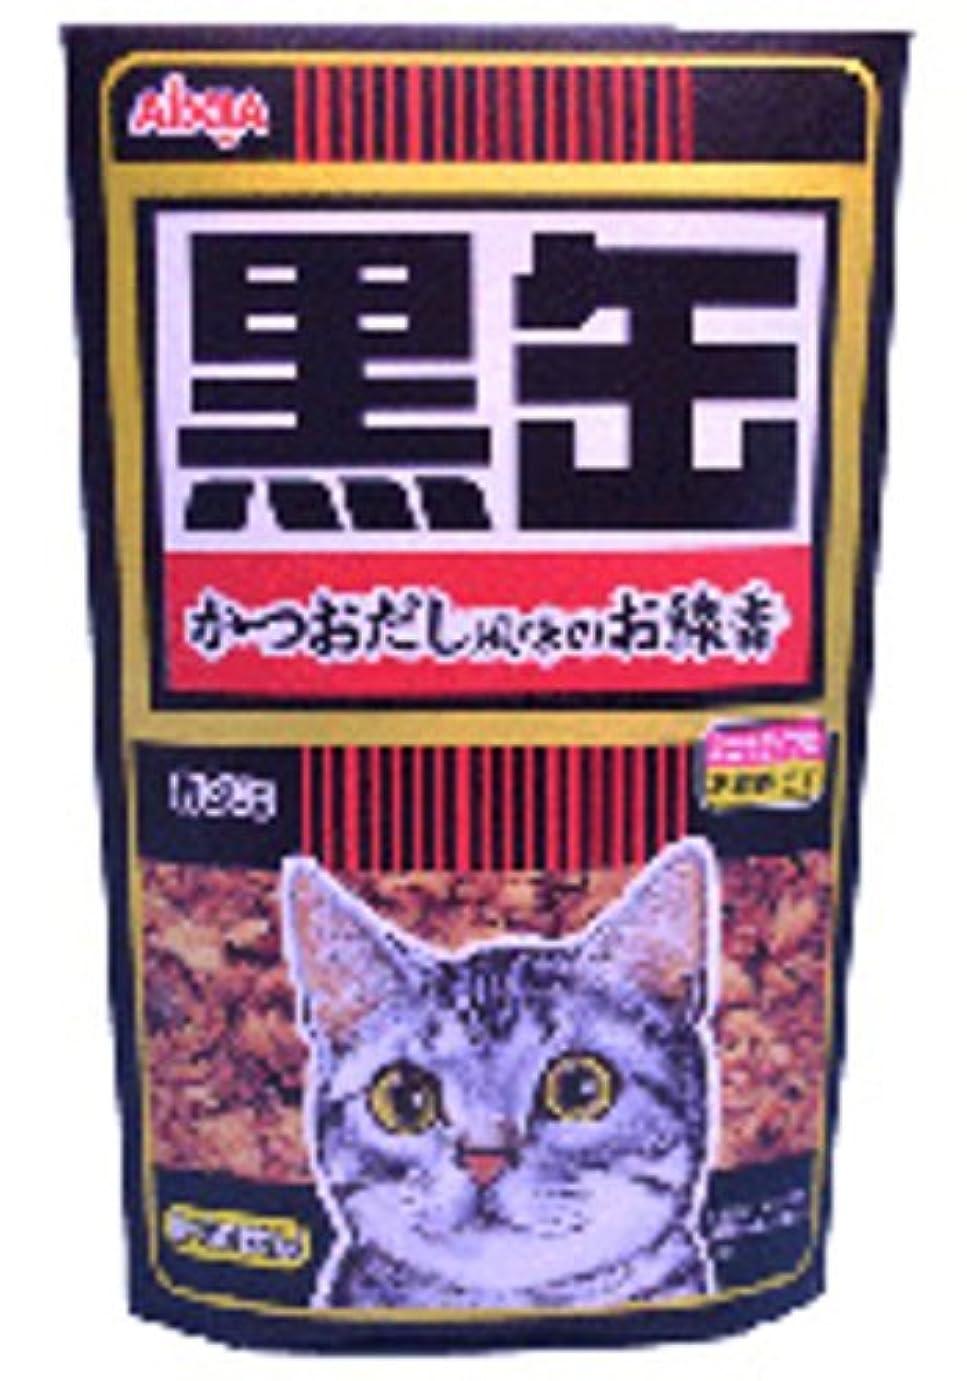 雑品平方マキシムカメヤマ黒缶線香 約30g